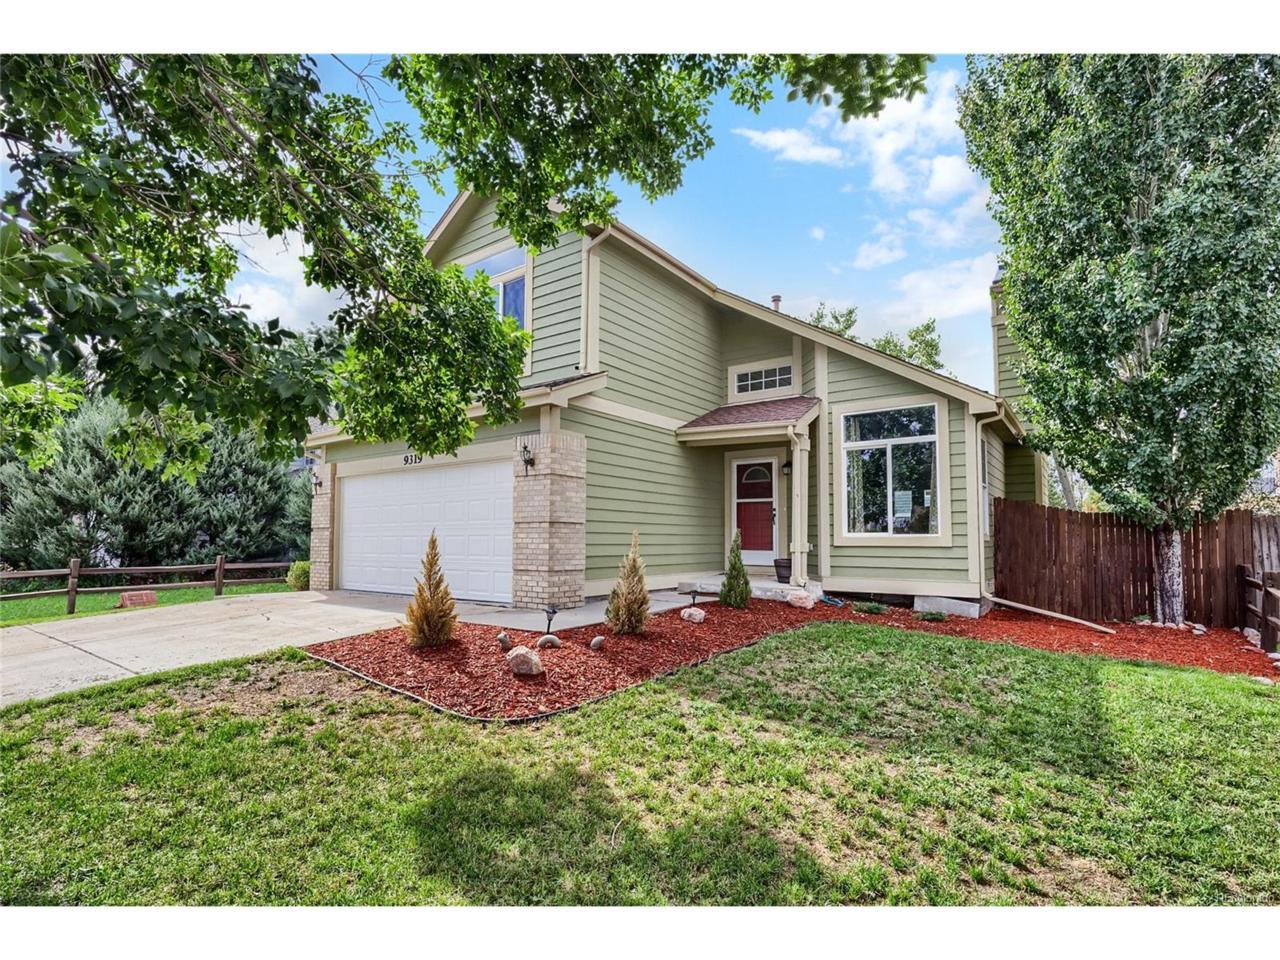 9319 Peaceful Meadow Street, Colorado Springs, CO 80925 (MLS #2392559) :: 8z Real Estate